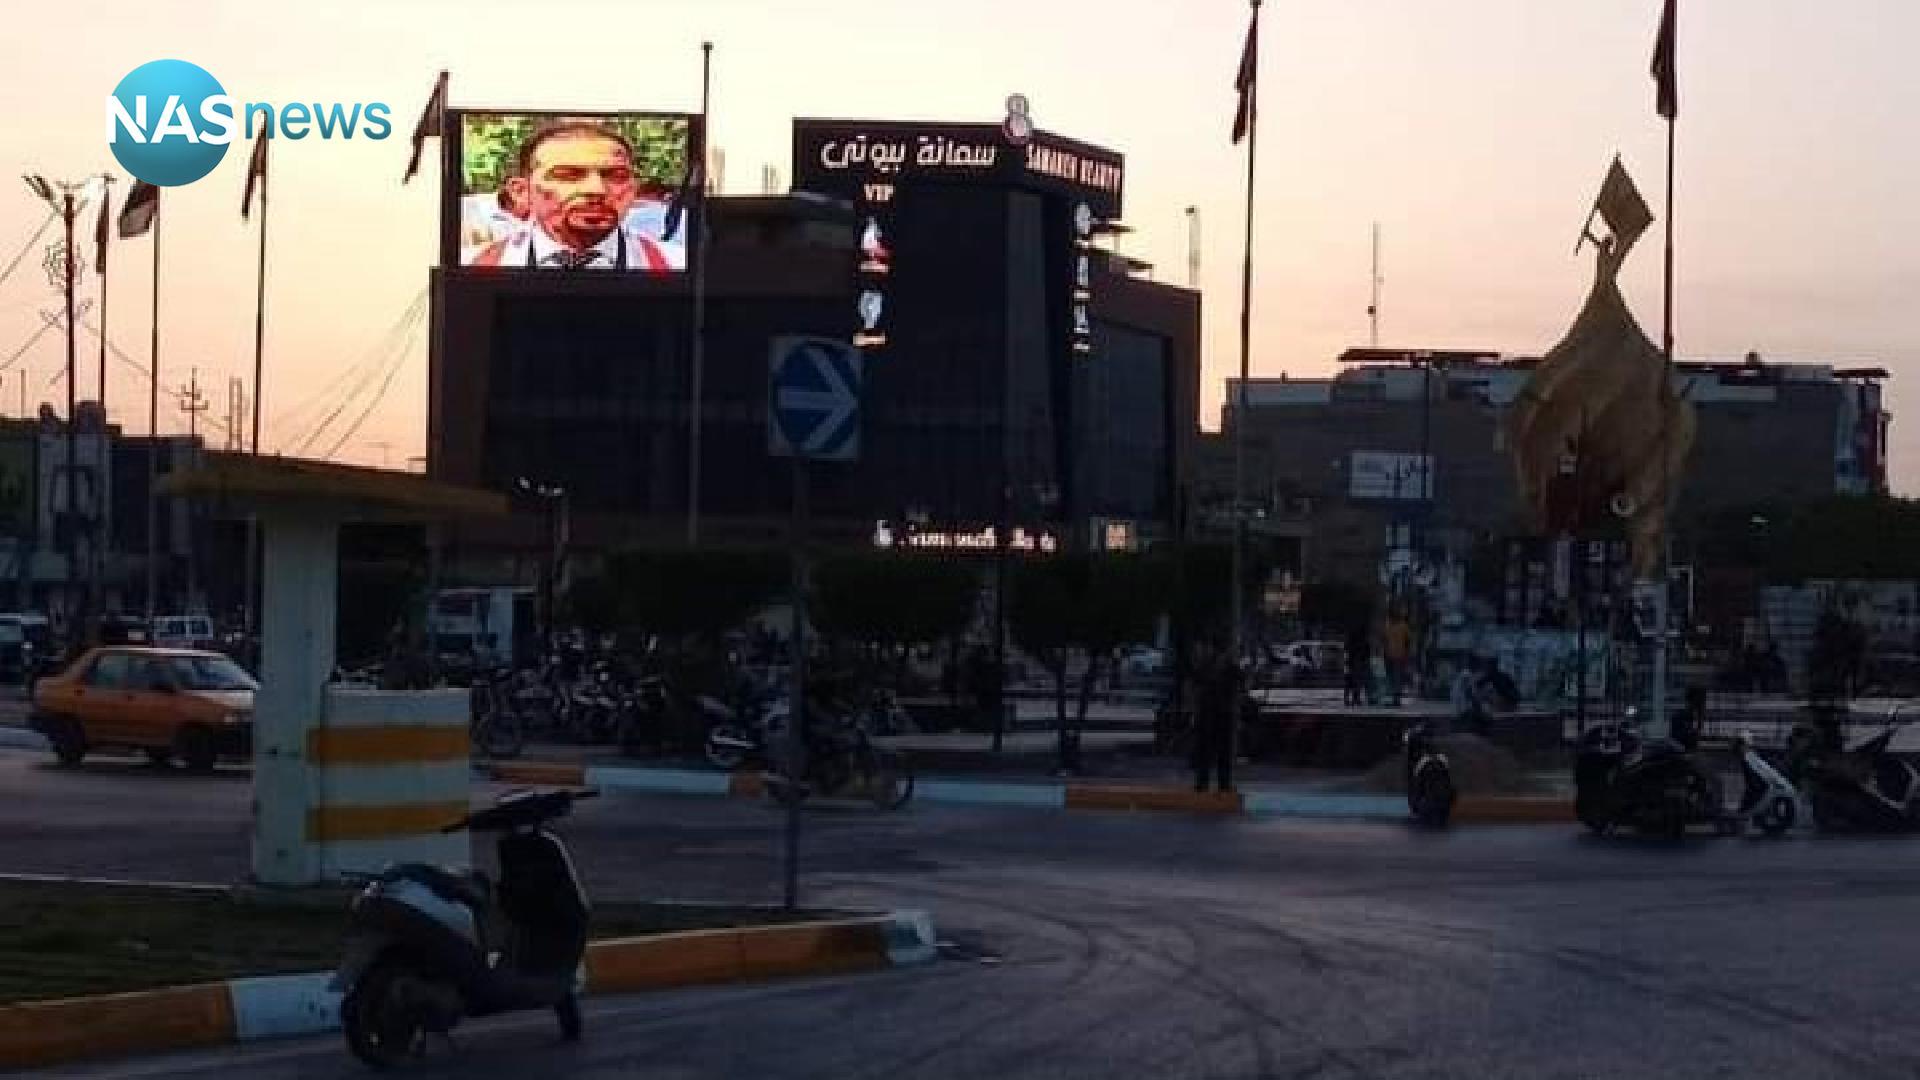 صورة: وجه إيهاب ينير على ساحة الأحرار.. والمتظاهرون يطوّقون القنصلية الإيرانية